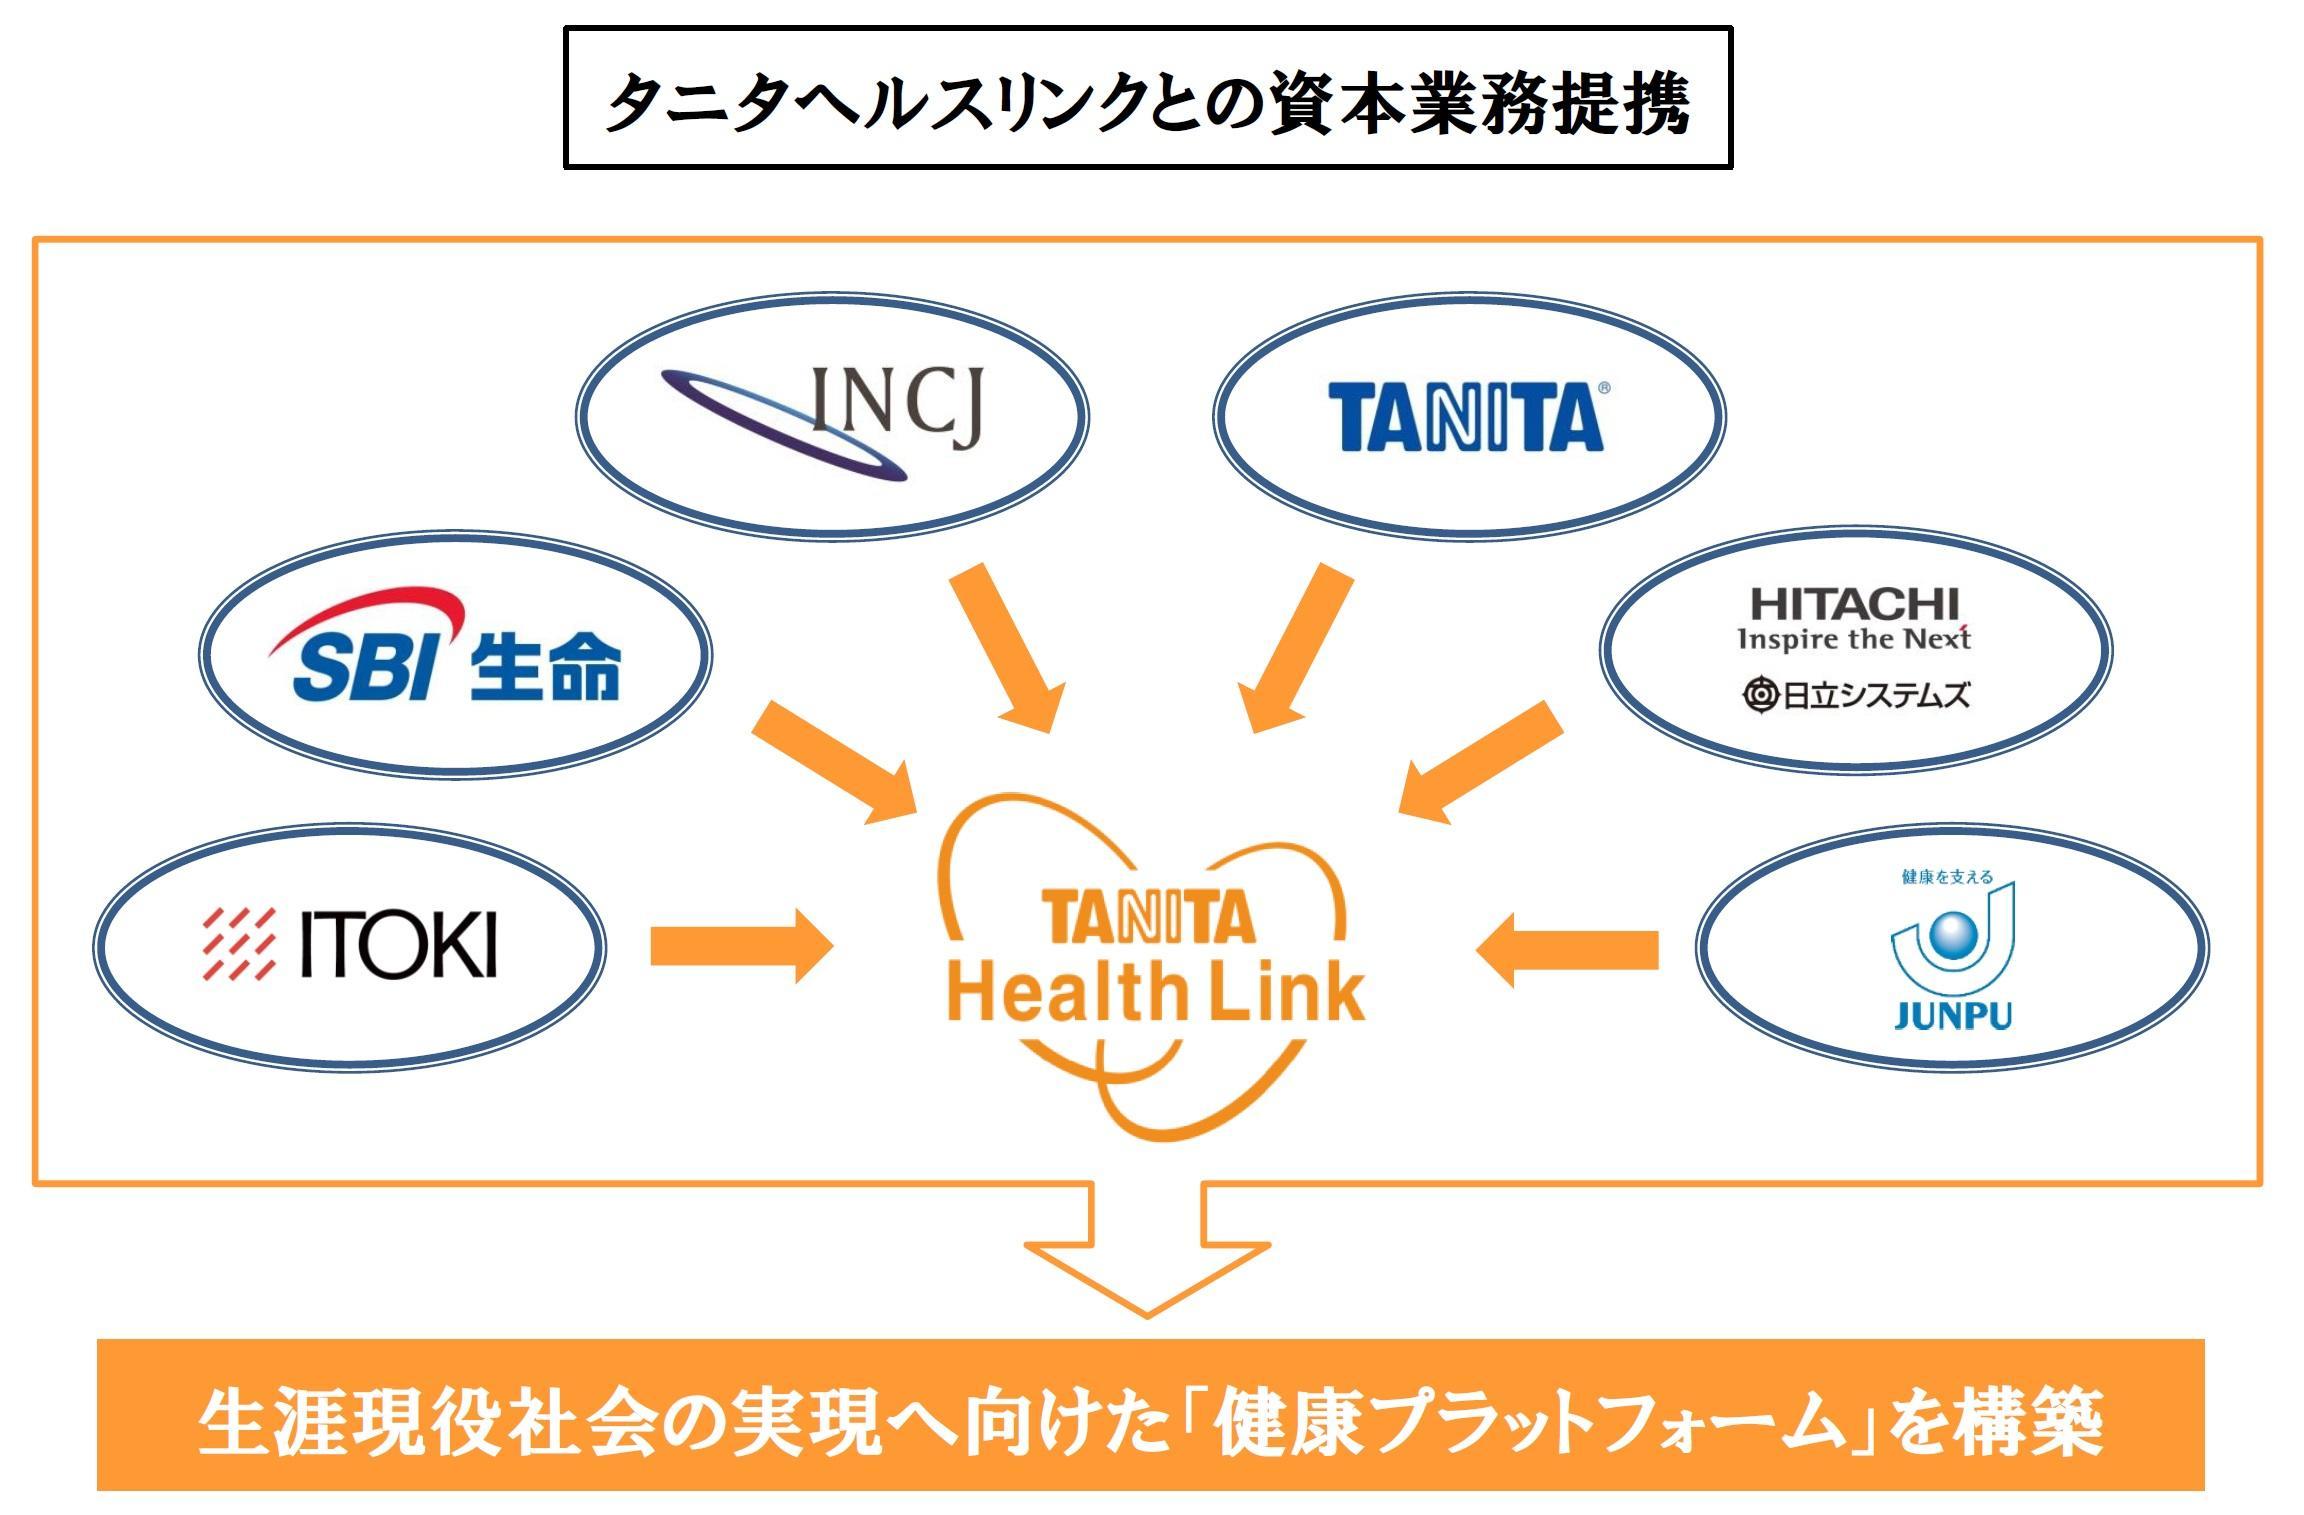 パートナー企業とヘルスケア分野でオープンプラットフォーム構築―タニタヘルスリンク